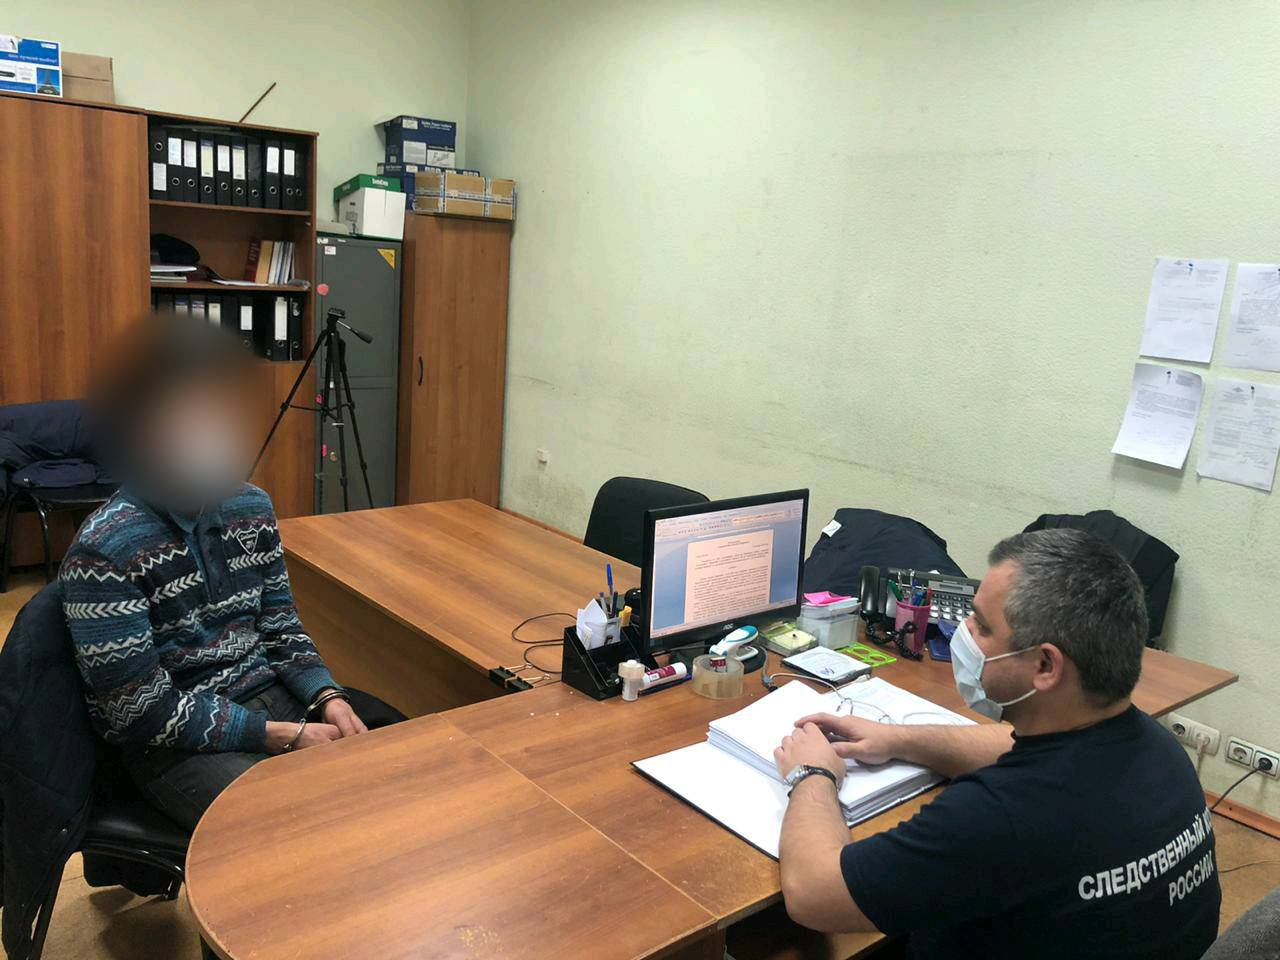 Работа в заводском районе саратова для девушек заработать онлайн лесозаводск